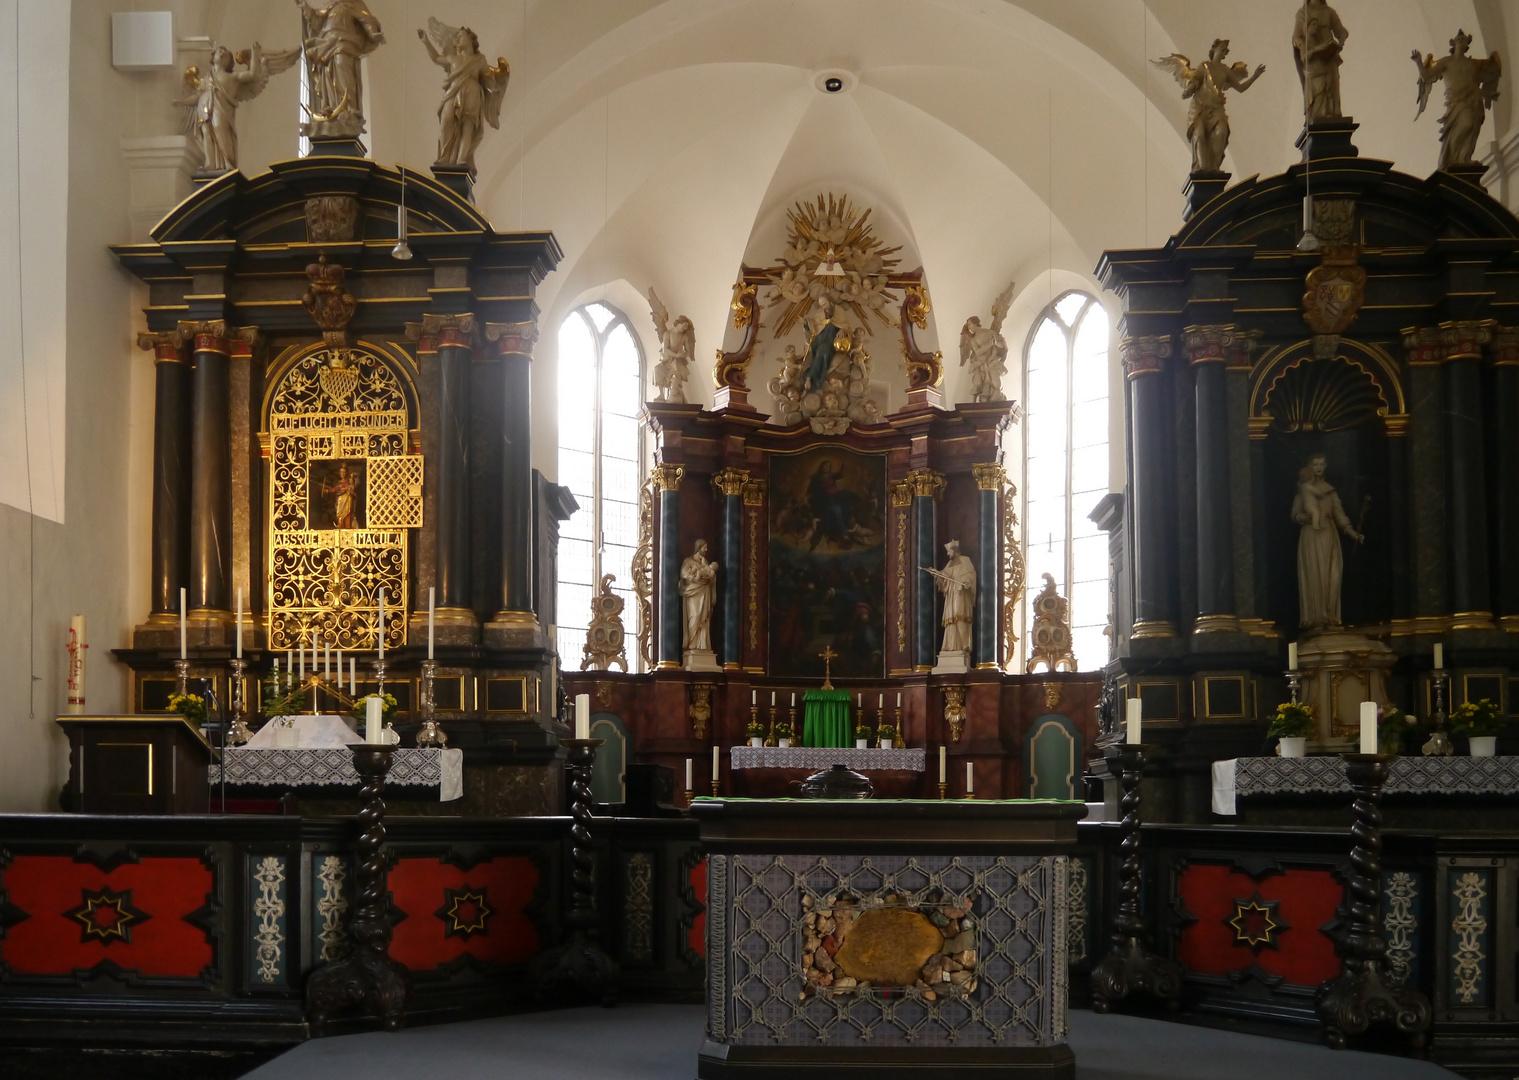 Altarraum in der alten Wallfahrskirche Neviges.